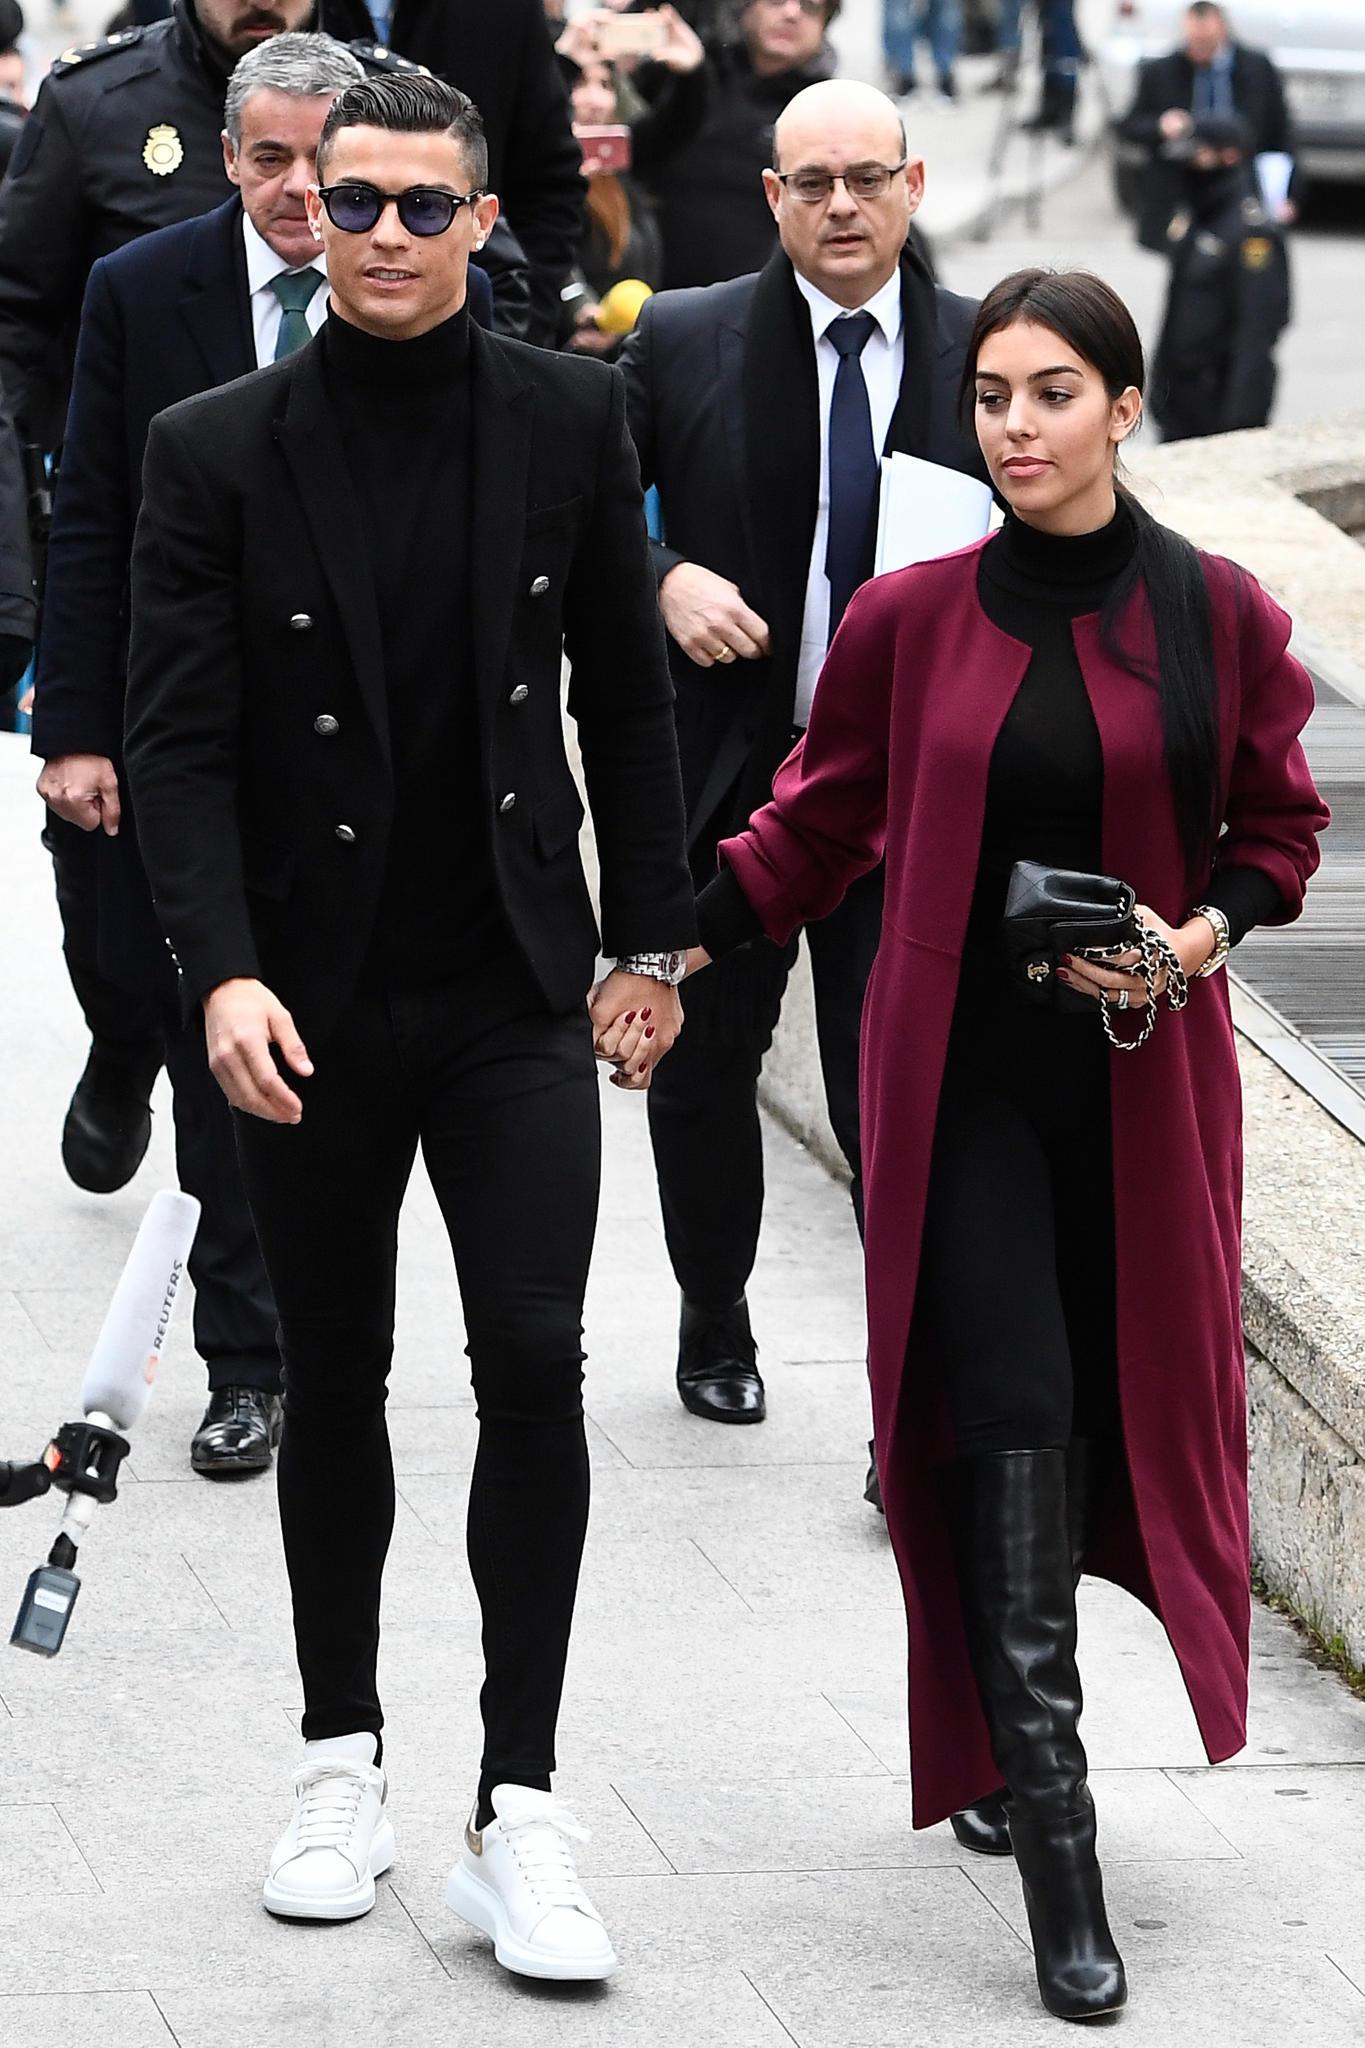 Cristiano Ronaldo und seine Freundin Georgina Rodriguez erscheinen top-gestylt zum Gerichtstermin.